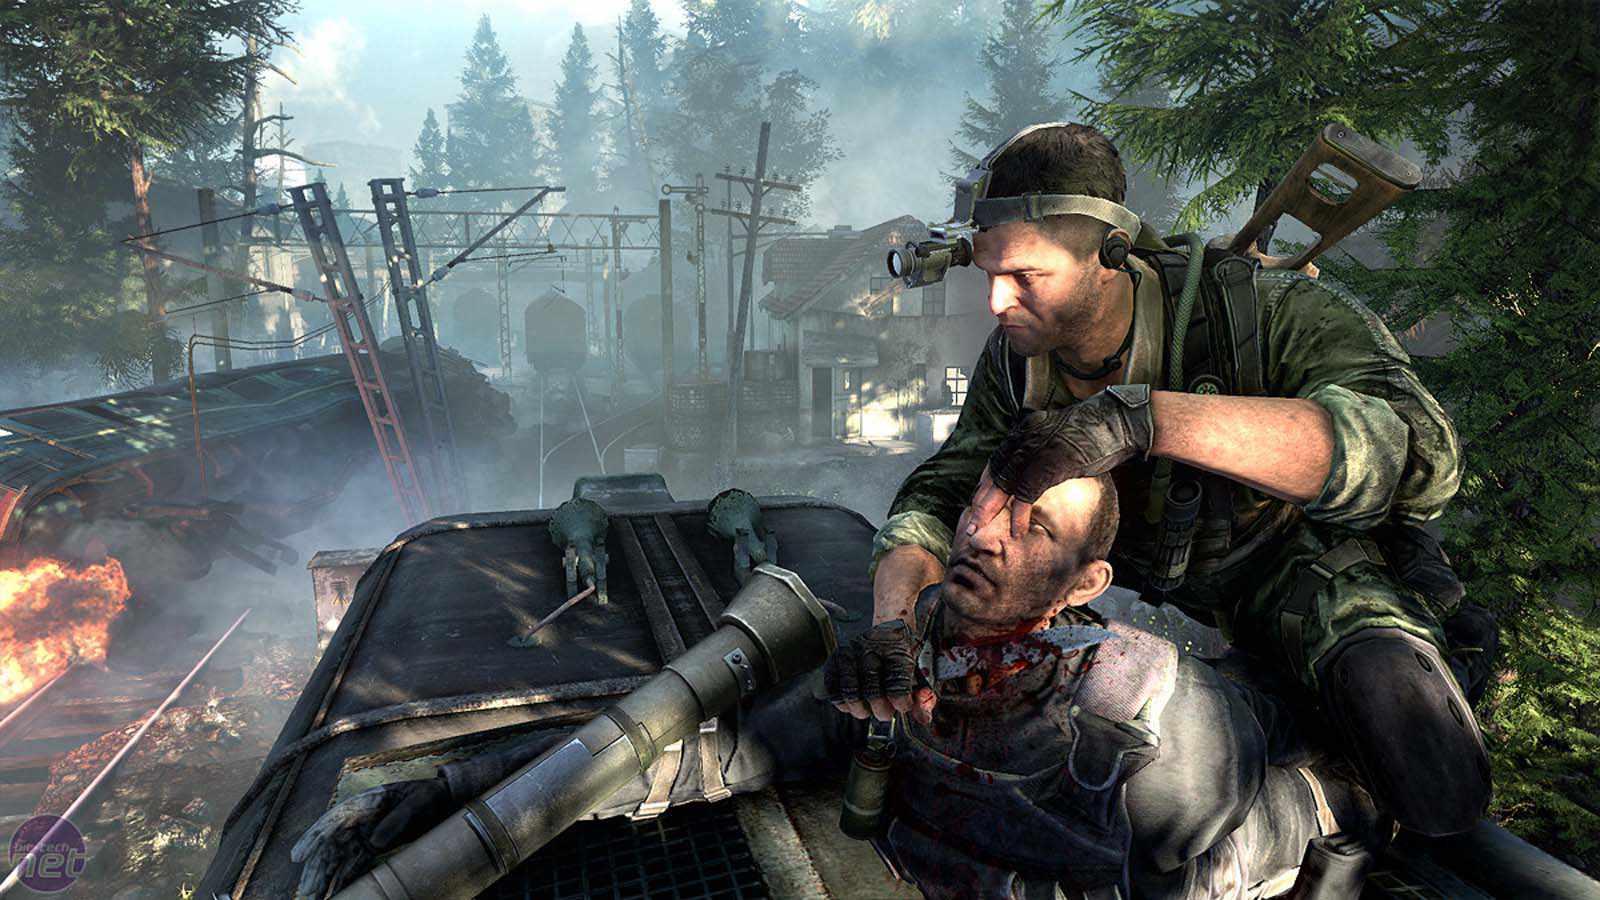 تحميل لعبة Sniper Ghost Warrior 2 مضغوطة كاملة بروابط مباشرة مجانا